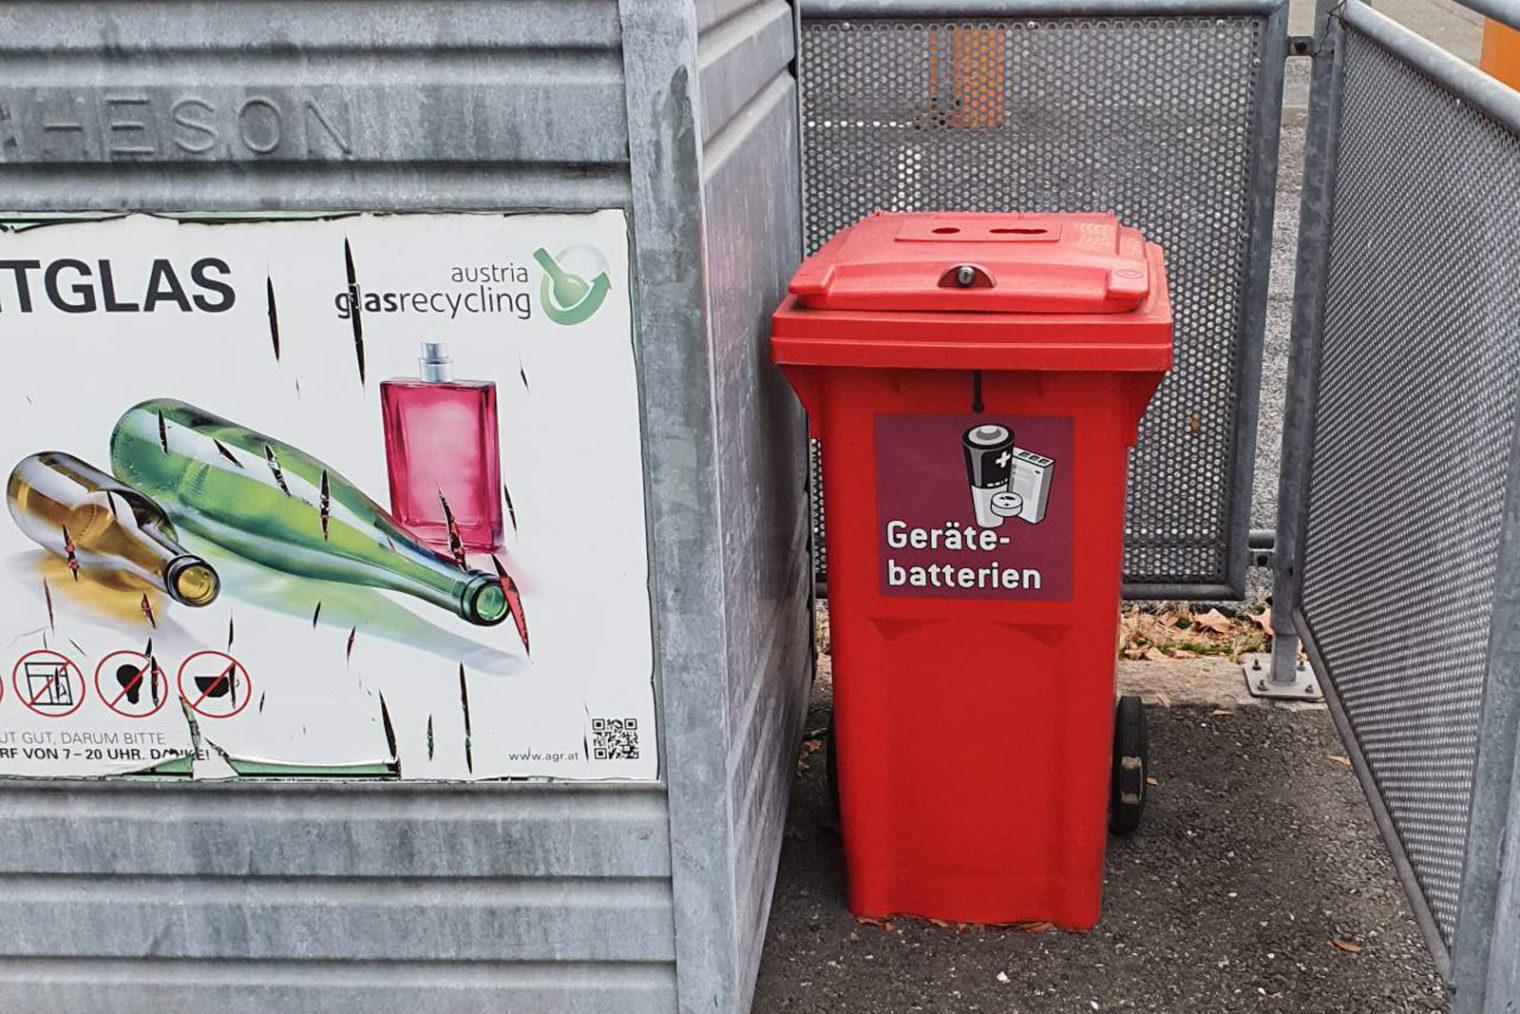 Roter Kunststoffbehälter für Gerätebatterien-Sammlung